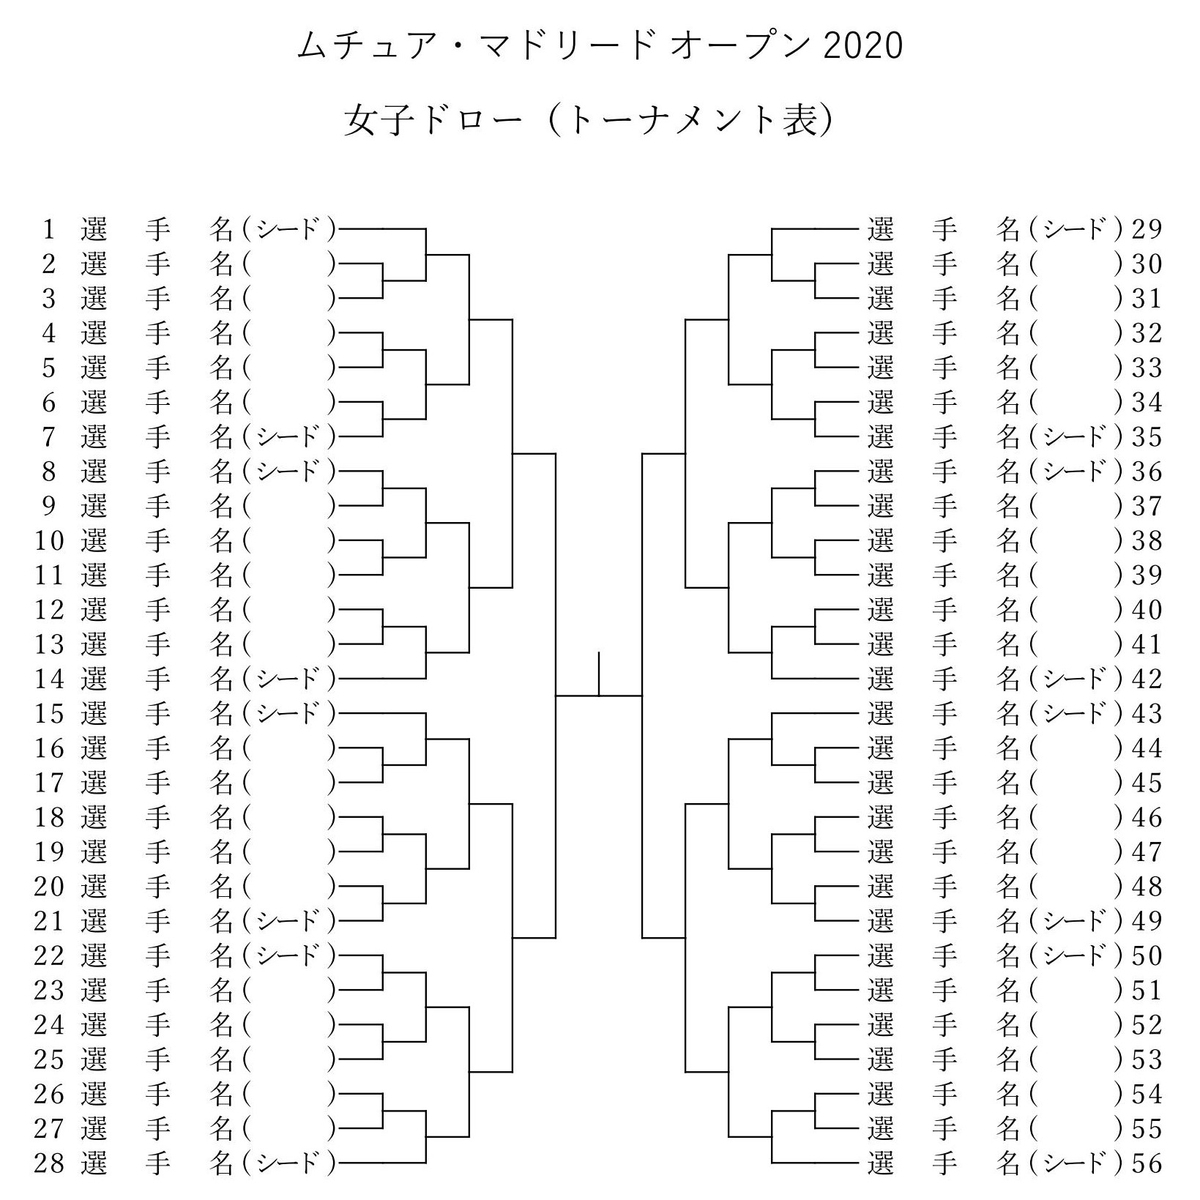 マドリード オープン 2020の女子トーナメント表